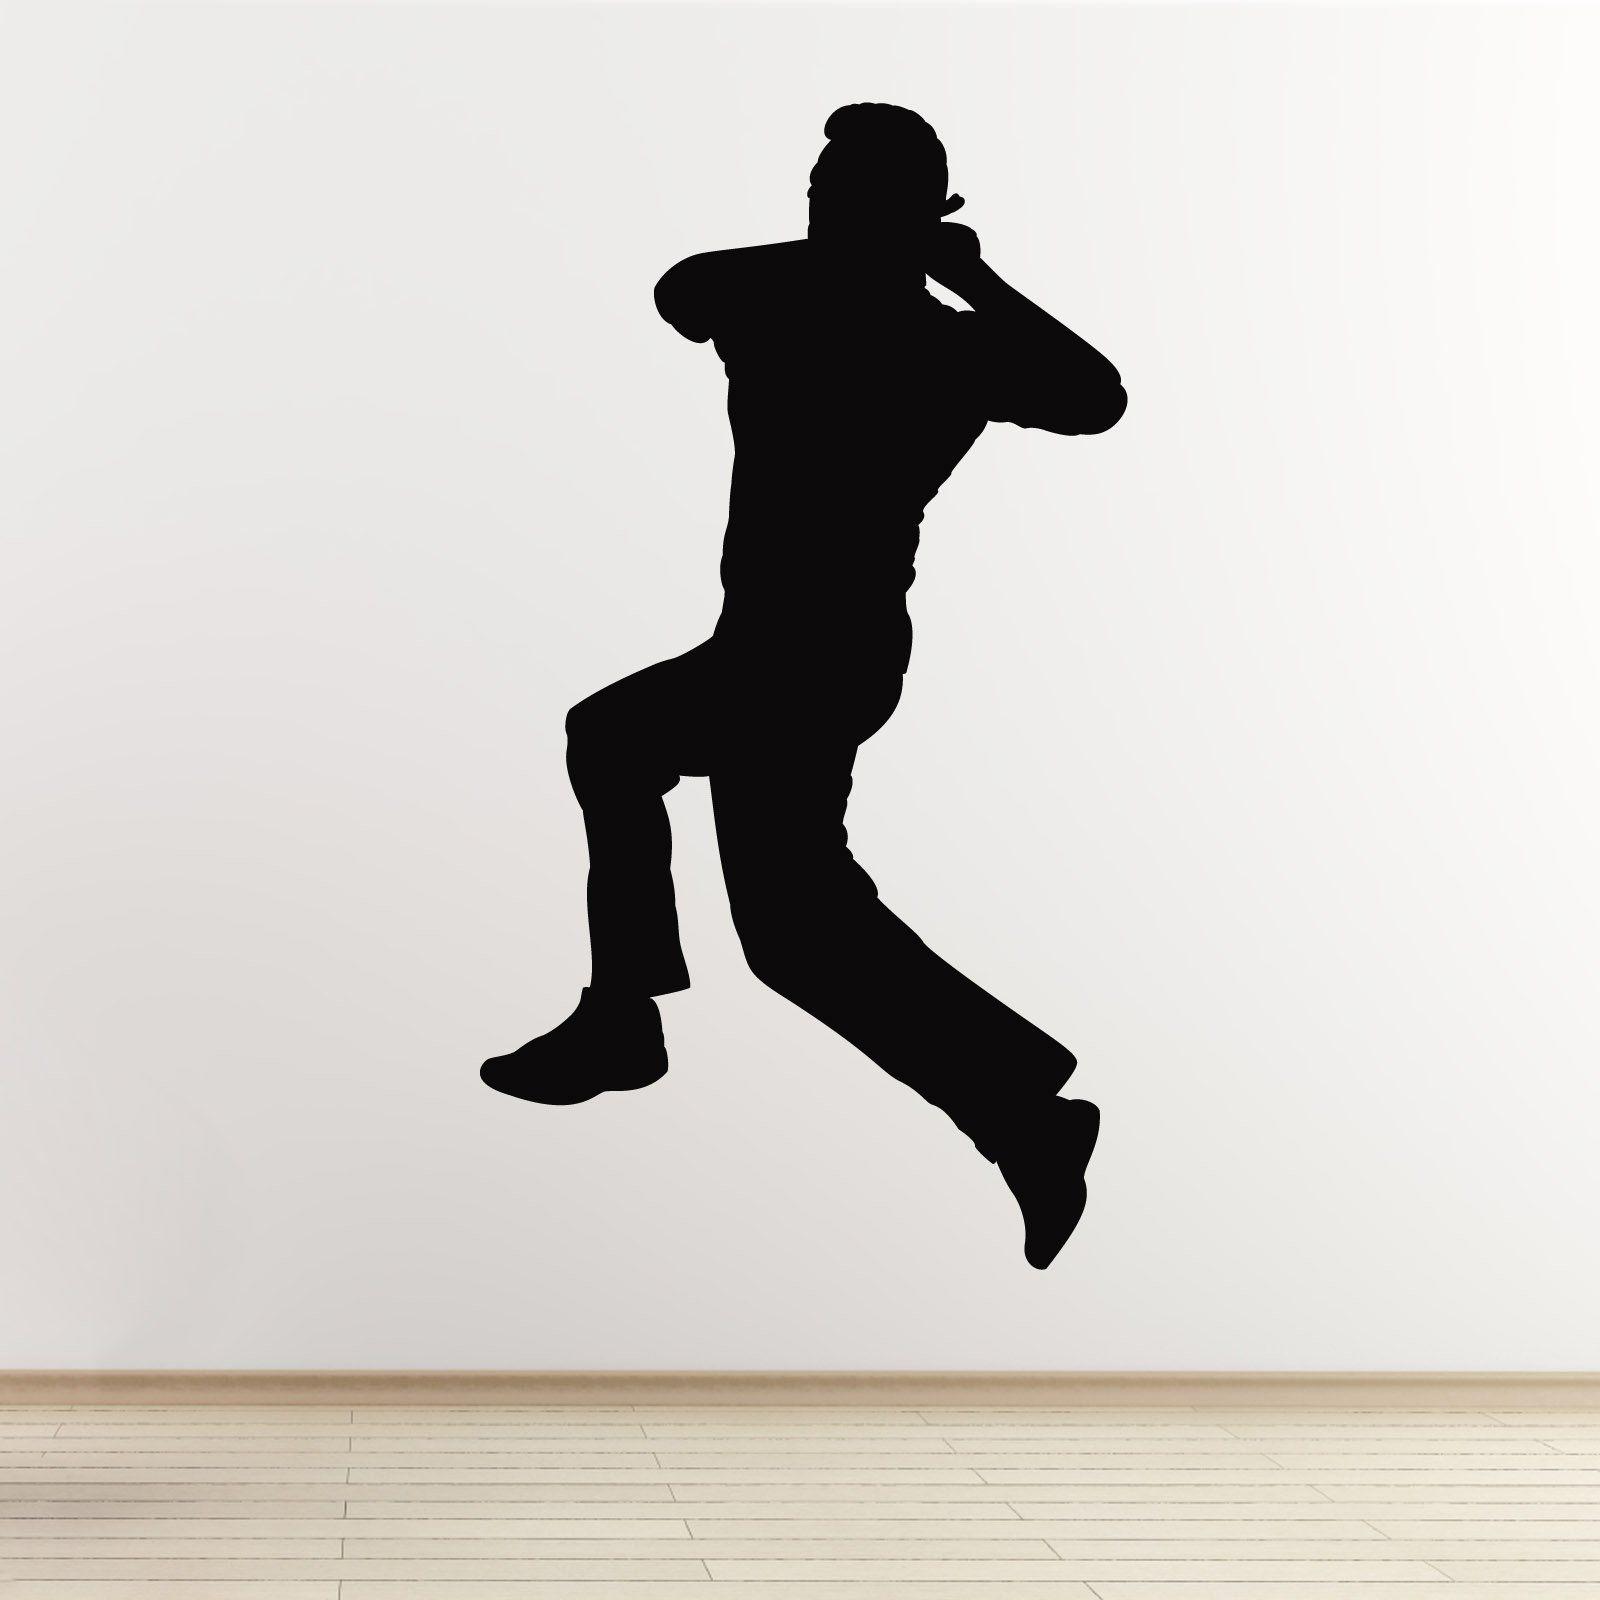 Cricket Wall Sticker Spin Bowler Cricketer Boys